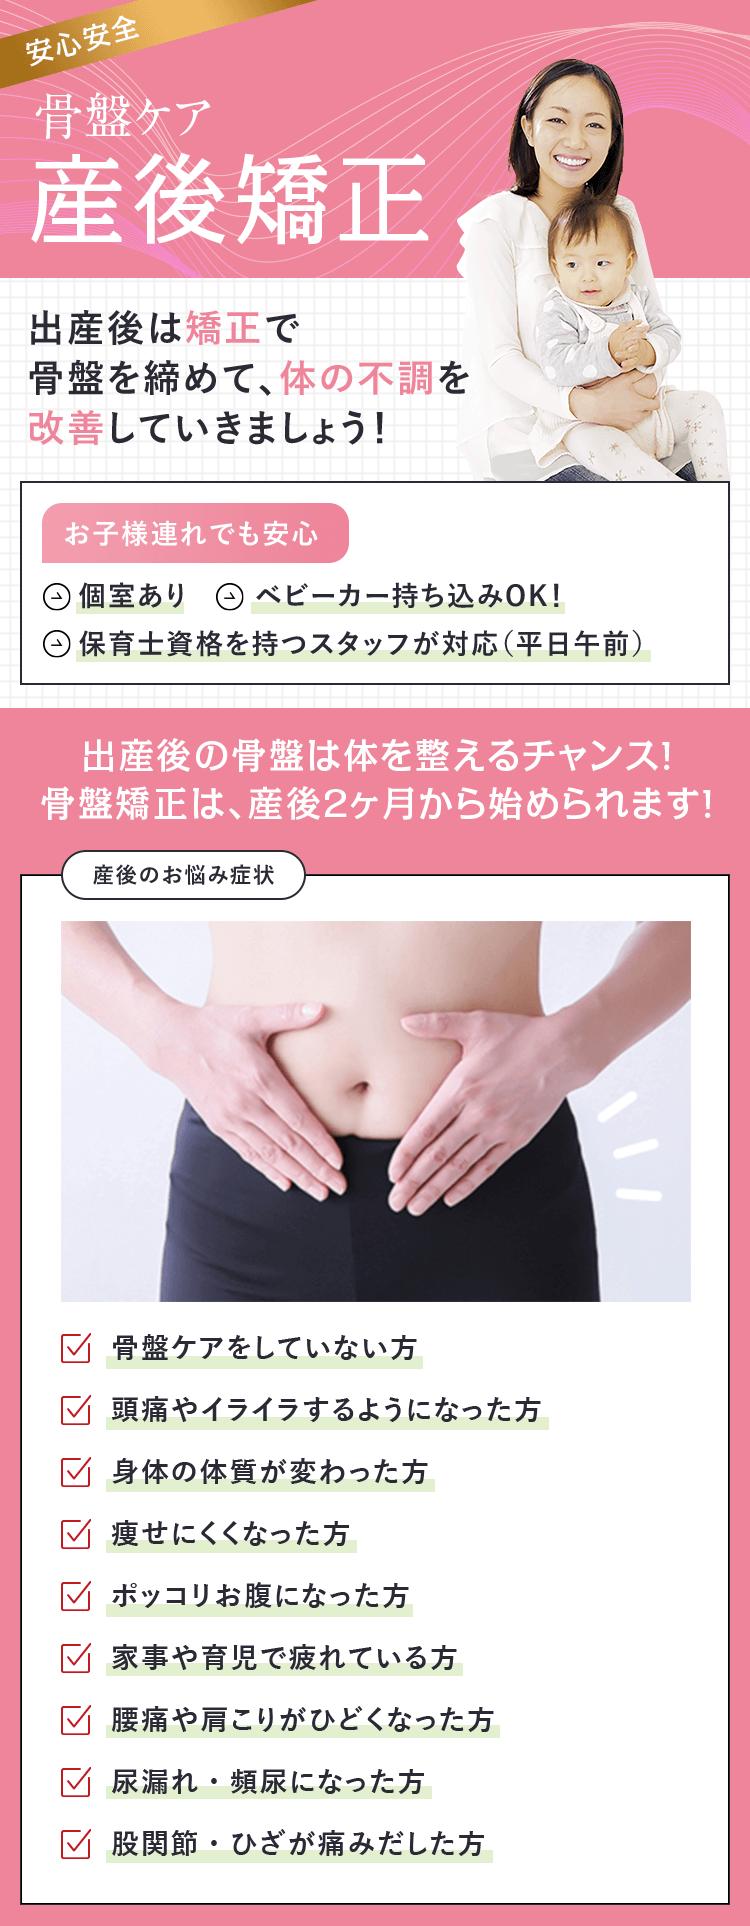 産後の体の不調は、開いてしまった骨盤に原因があります!